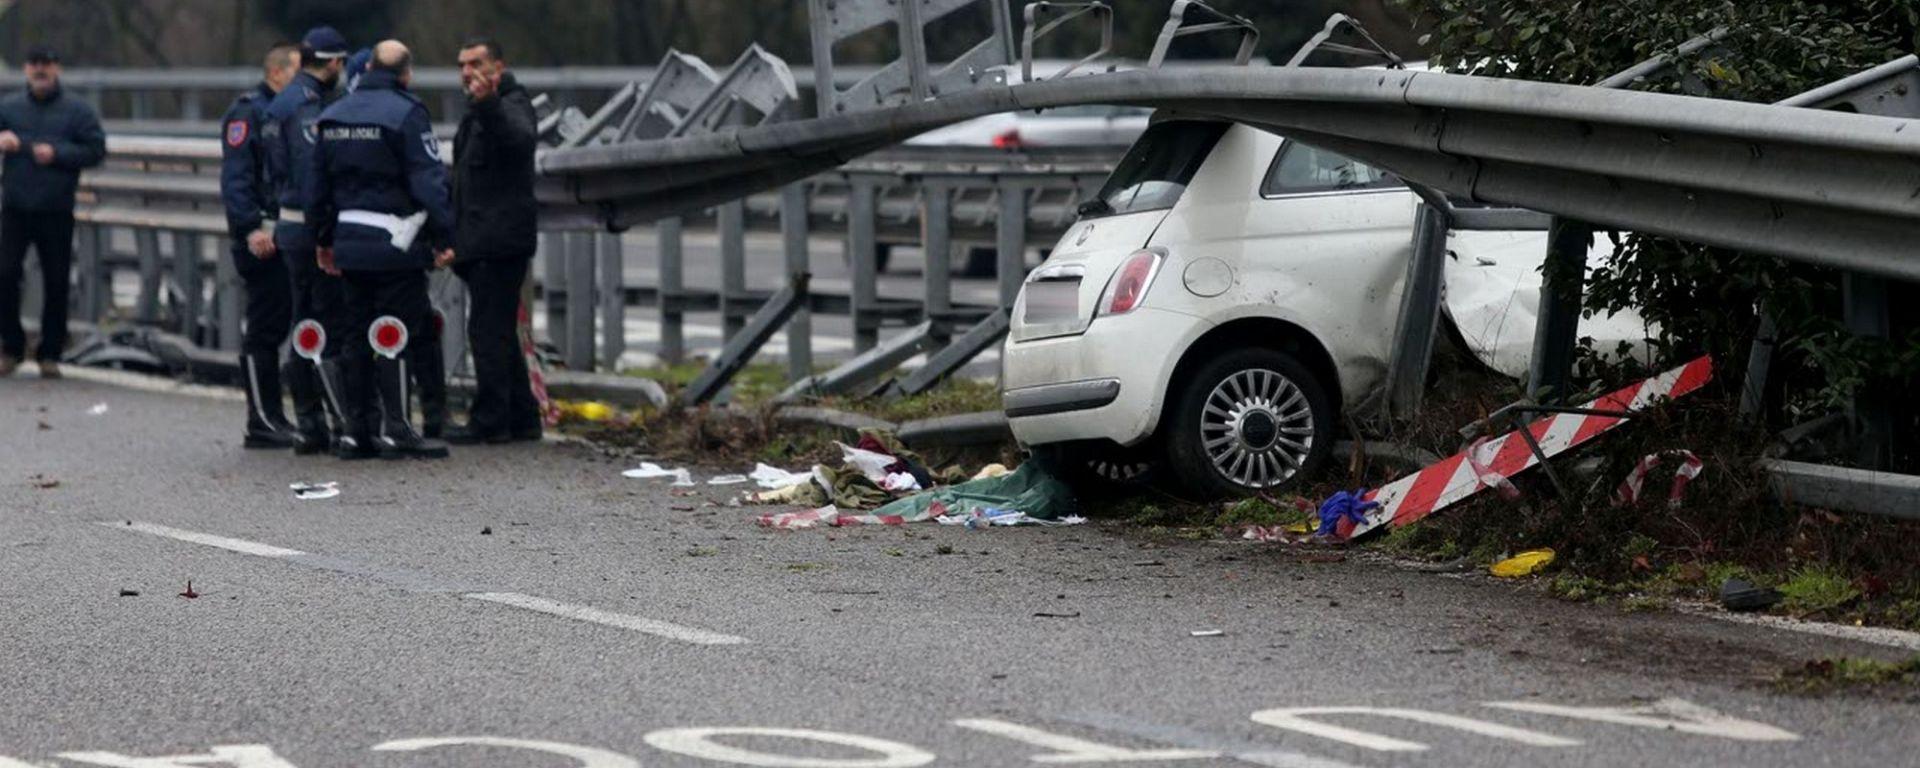 Incidenti stradali, nel 2017 crescono le vittime